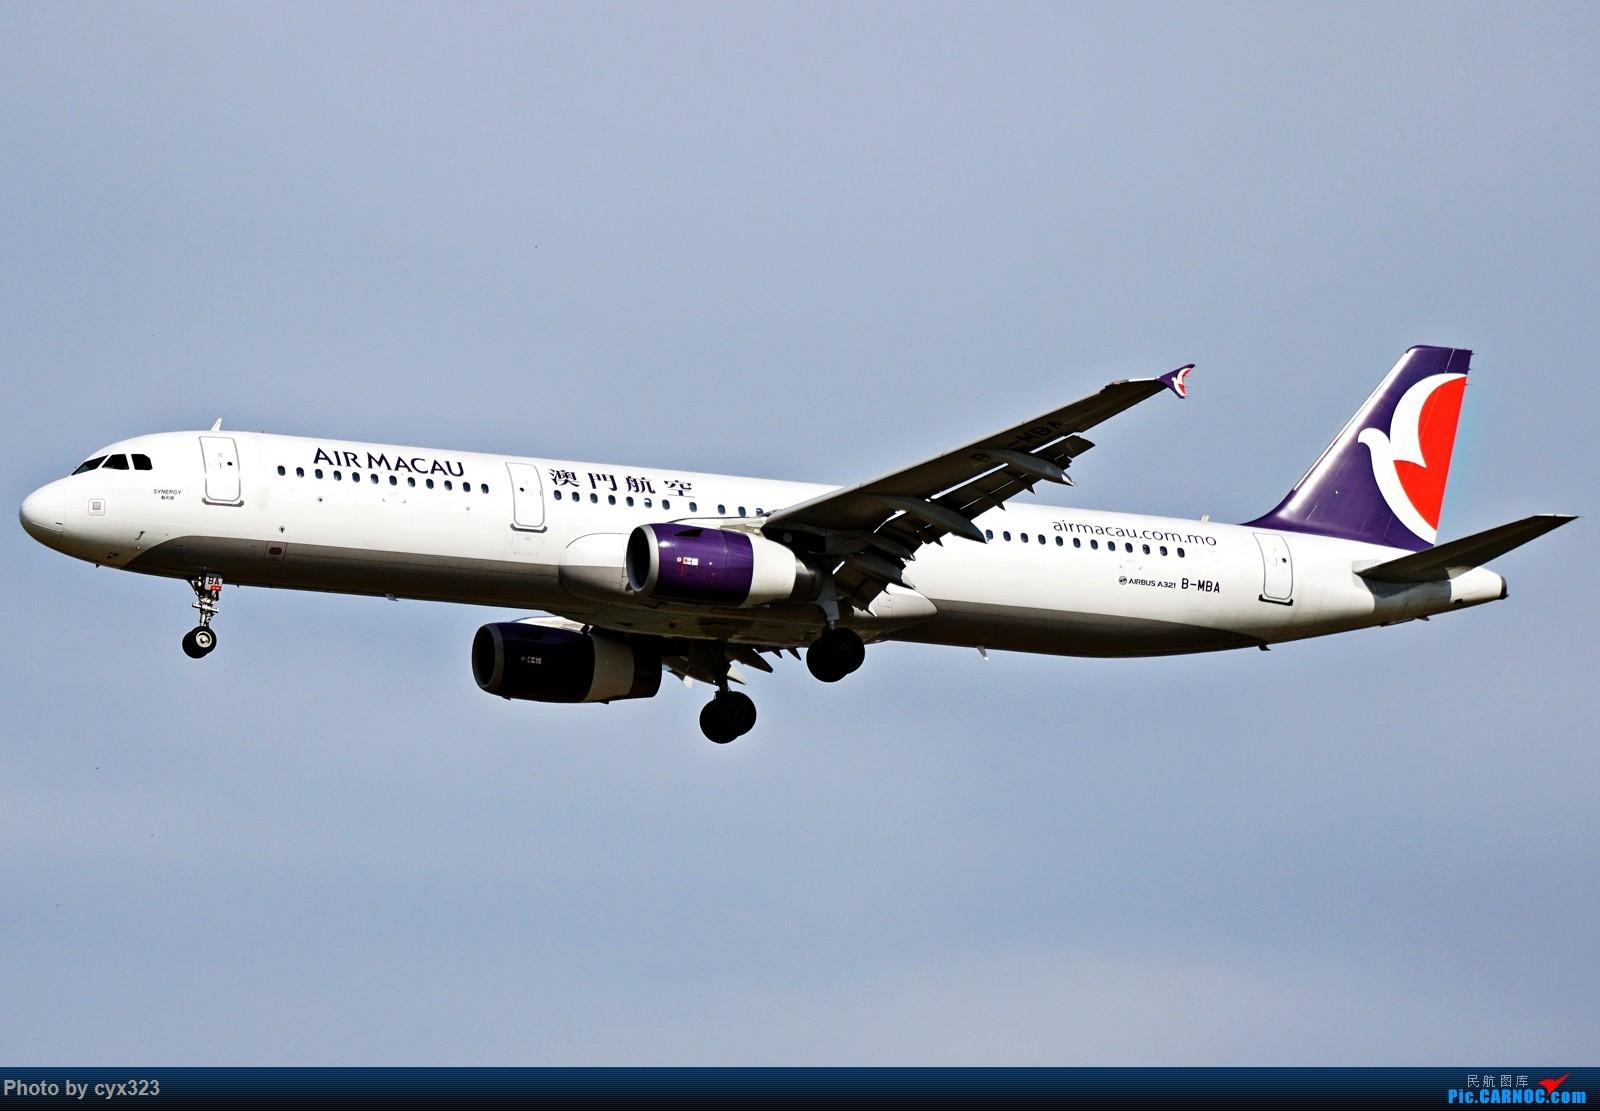 [原创]***1600×1067***一组7图 AIRBUS A321-200 B-MBA 中国北京首都国际机场